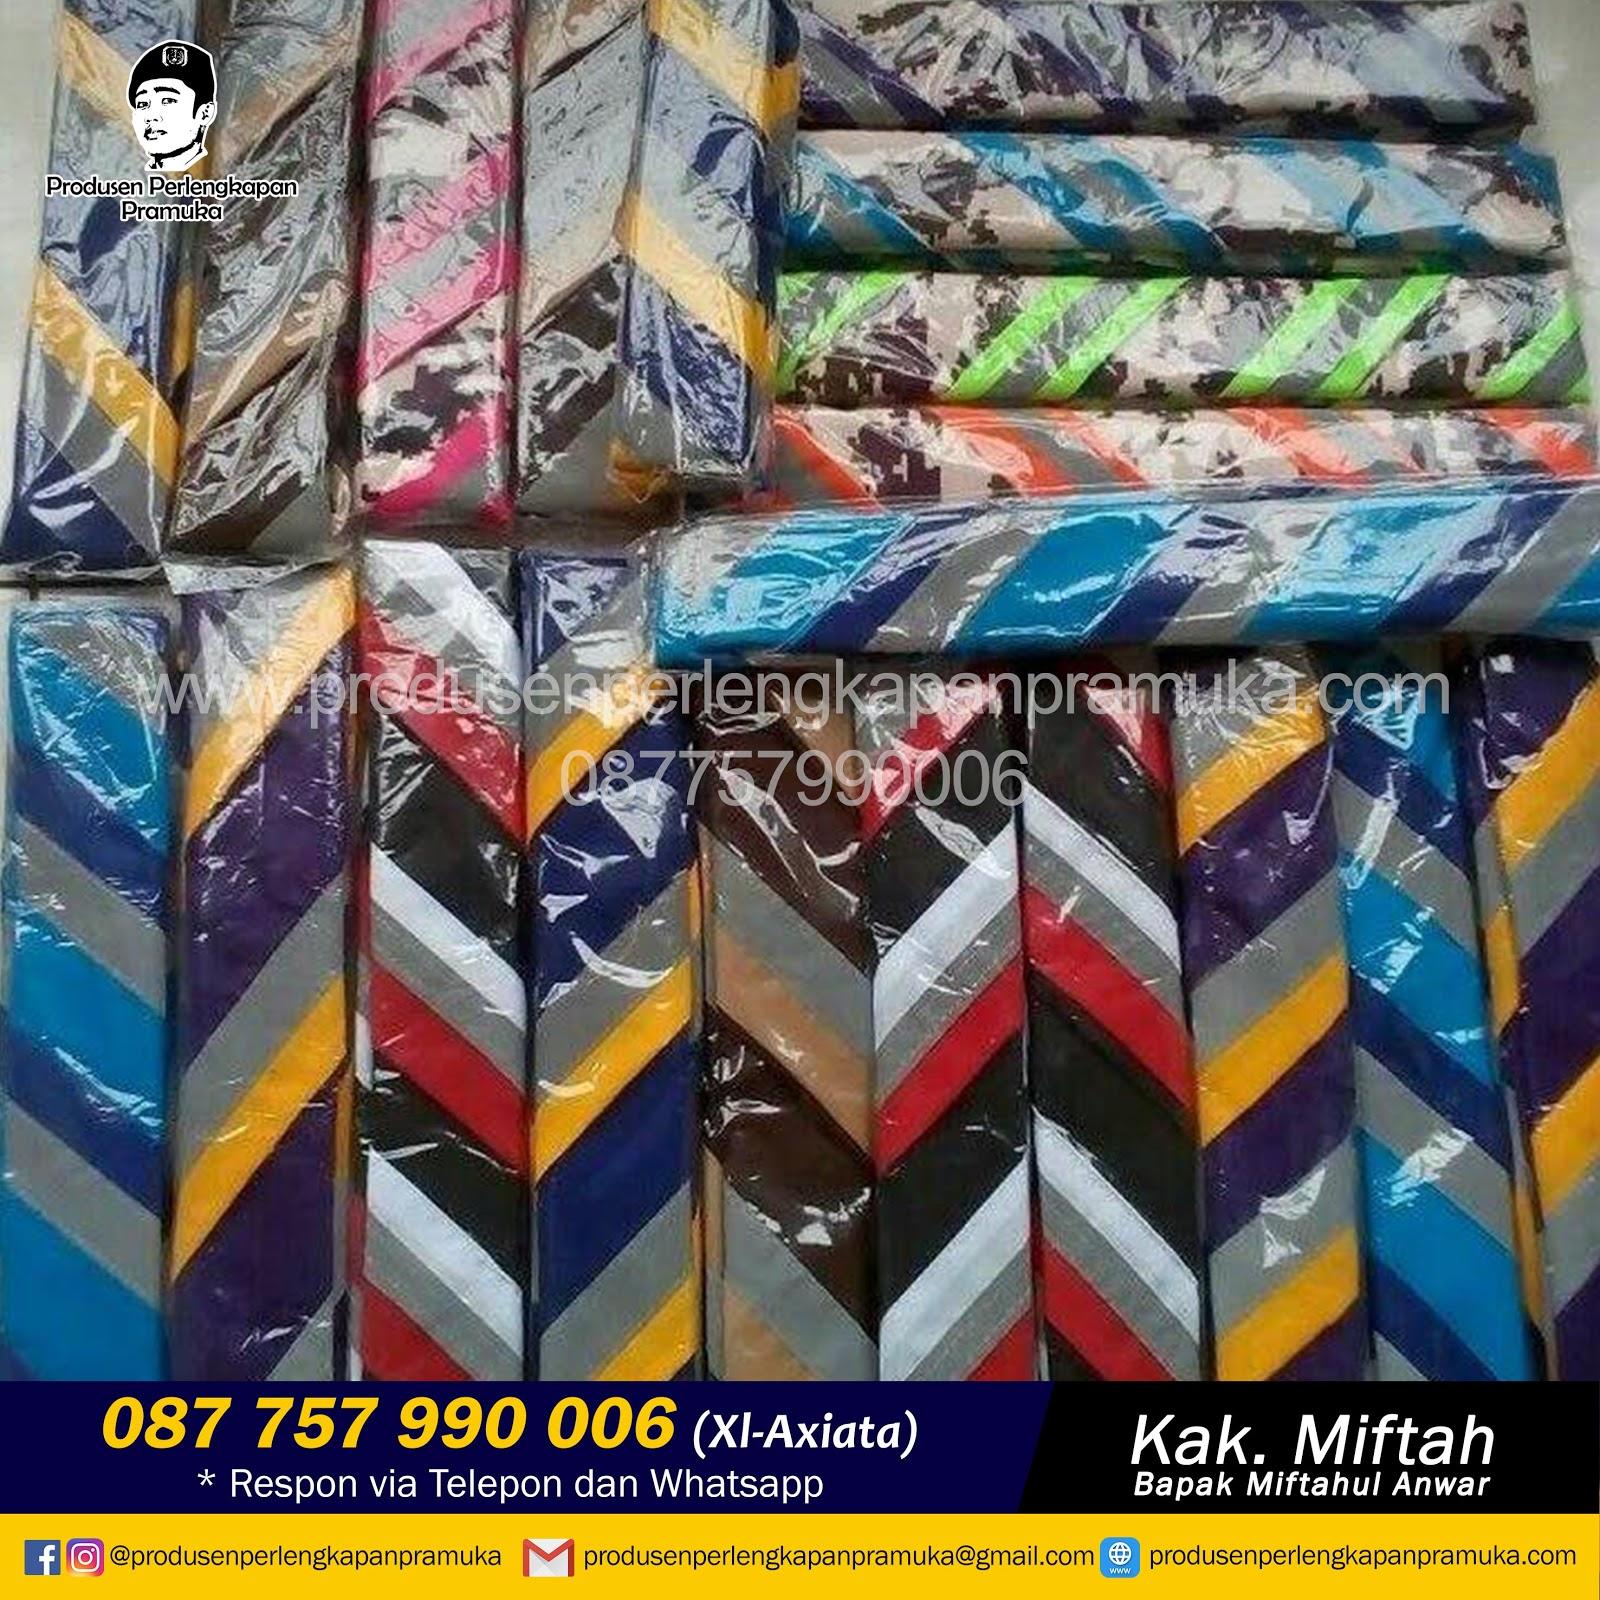 Jual Scarf Pramuka Bandar Lampung, Metro, Pangkalpinang, Batam, Tanjungpinang,